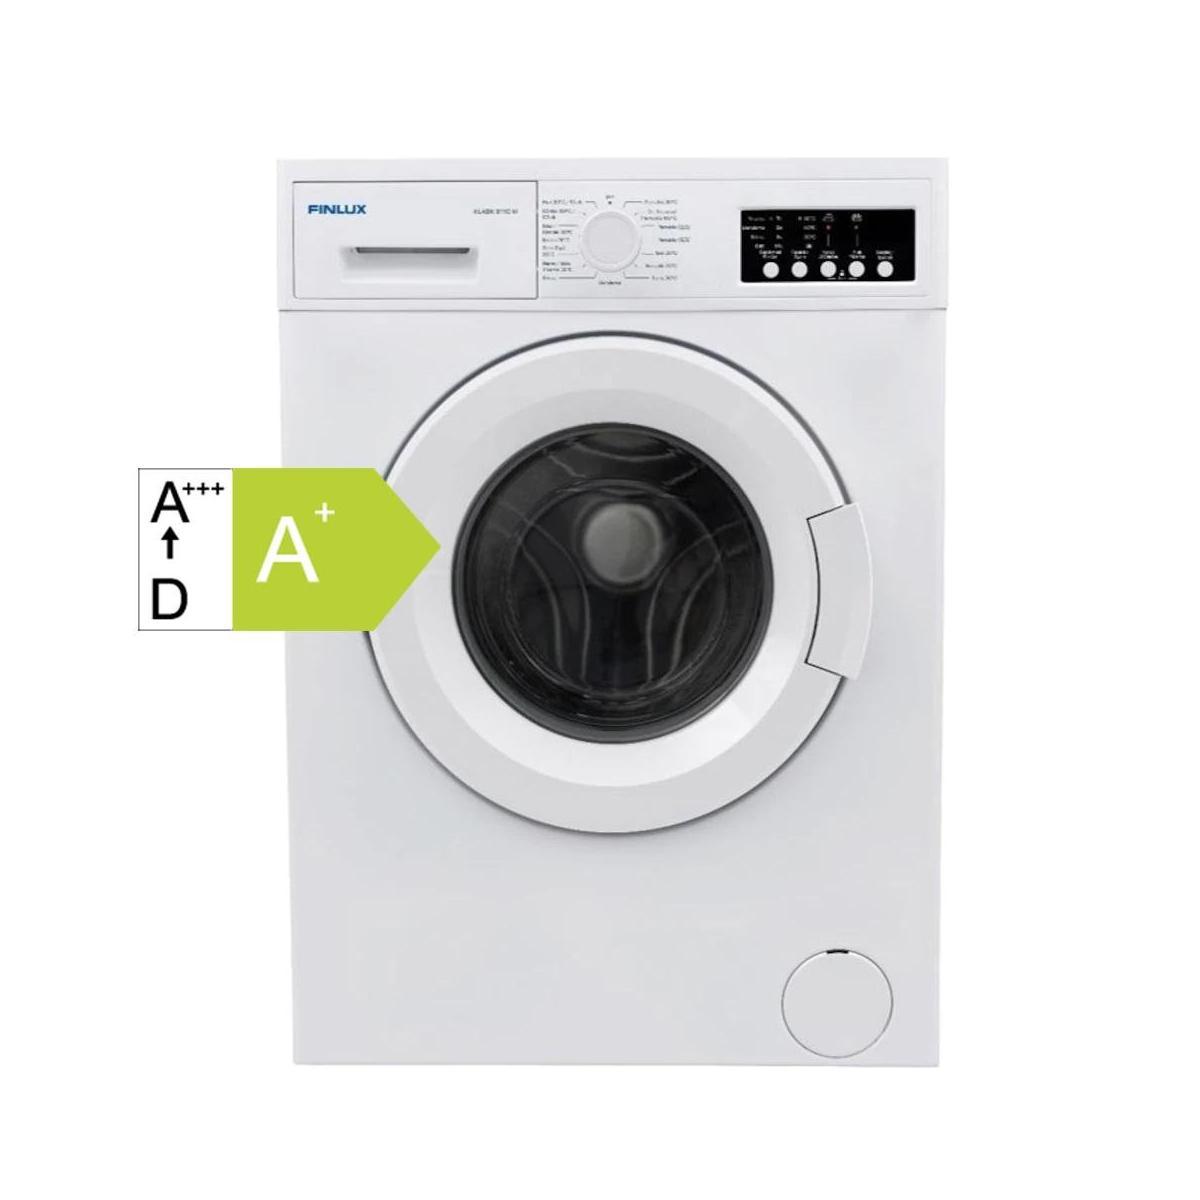 Finlux Çamaşır Makineleri Fiyatları